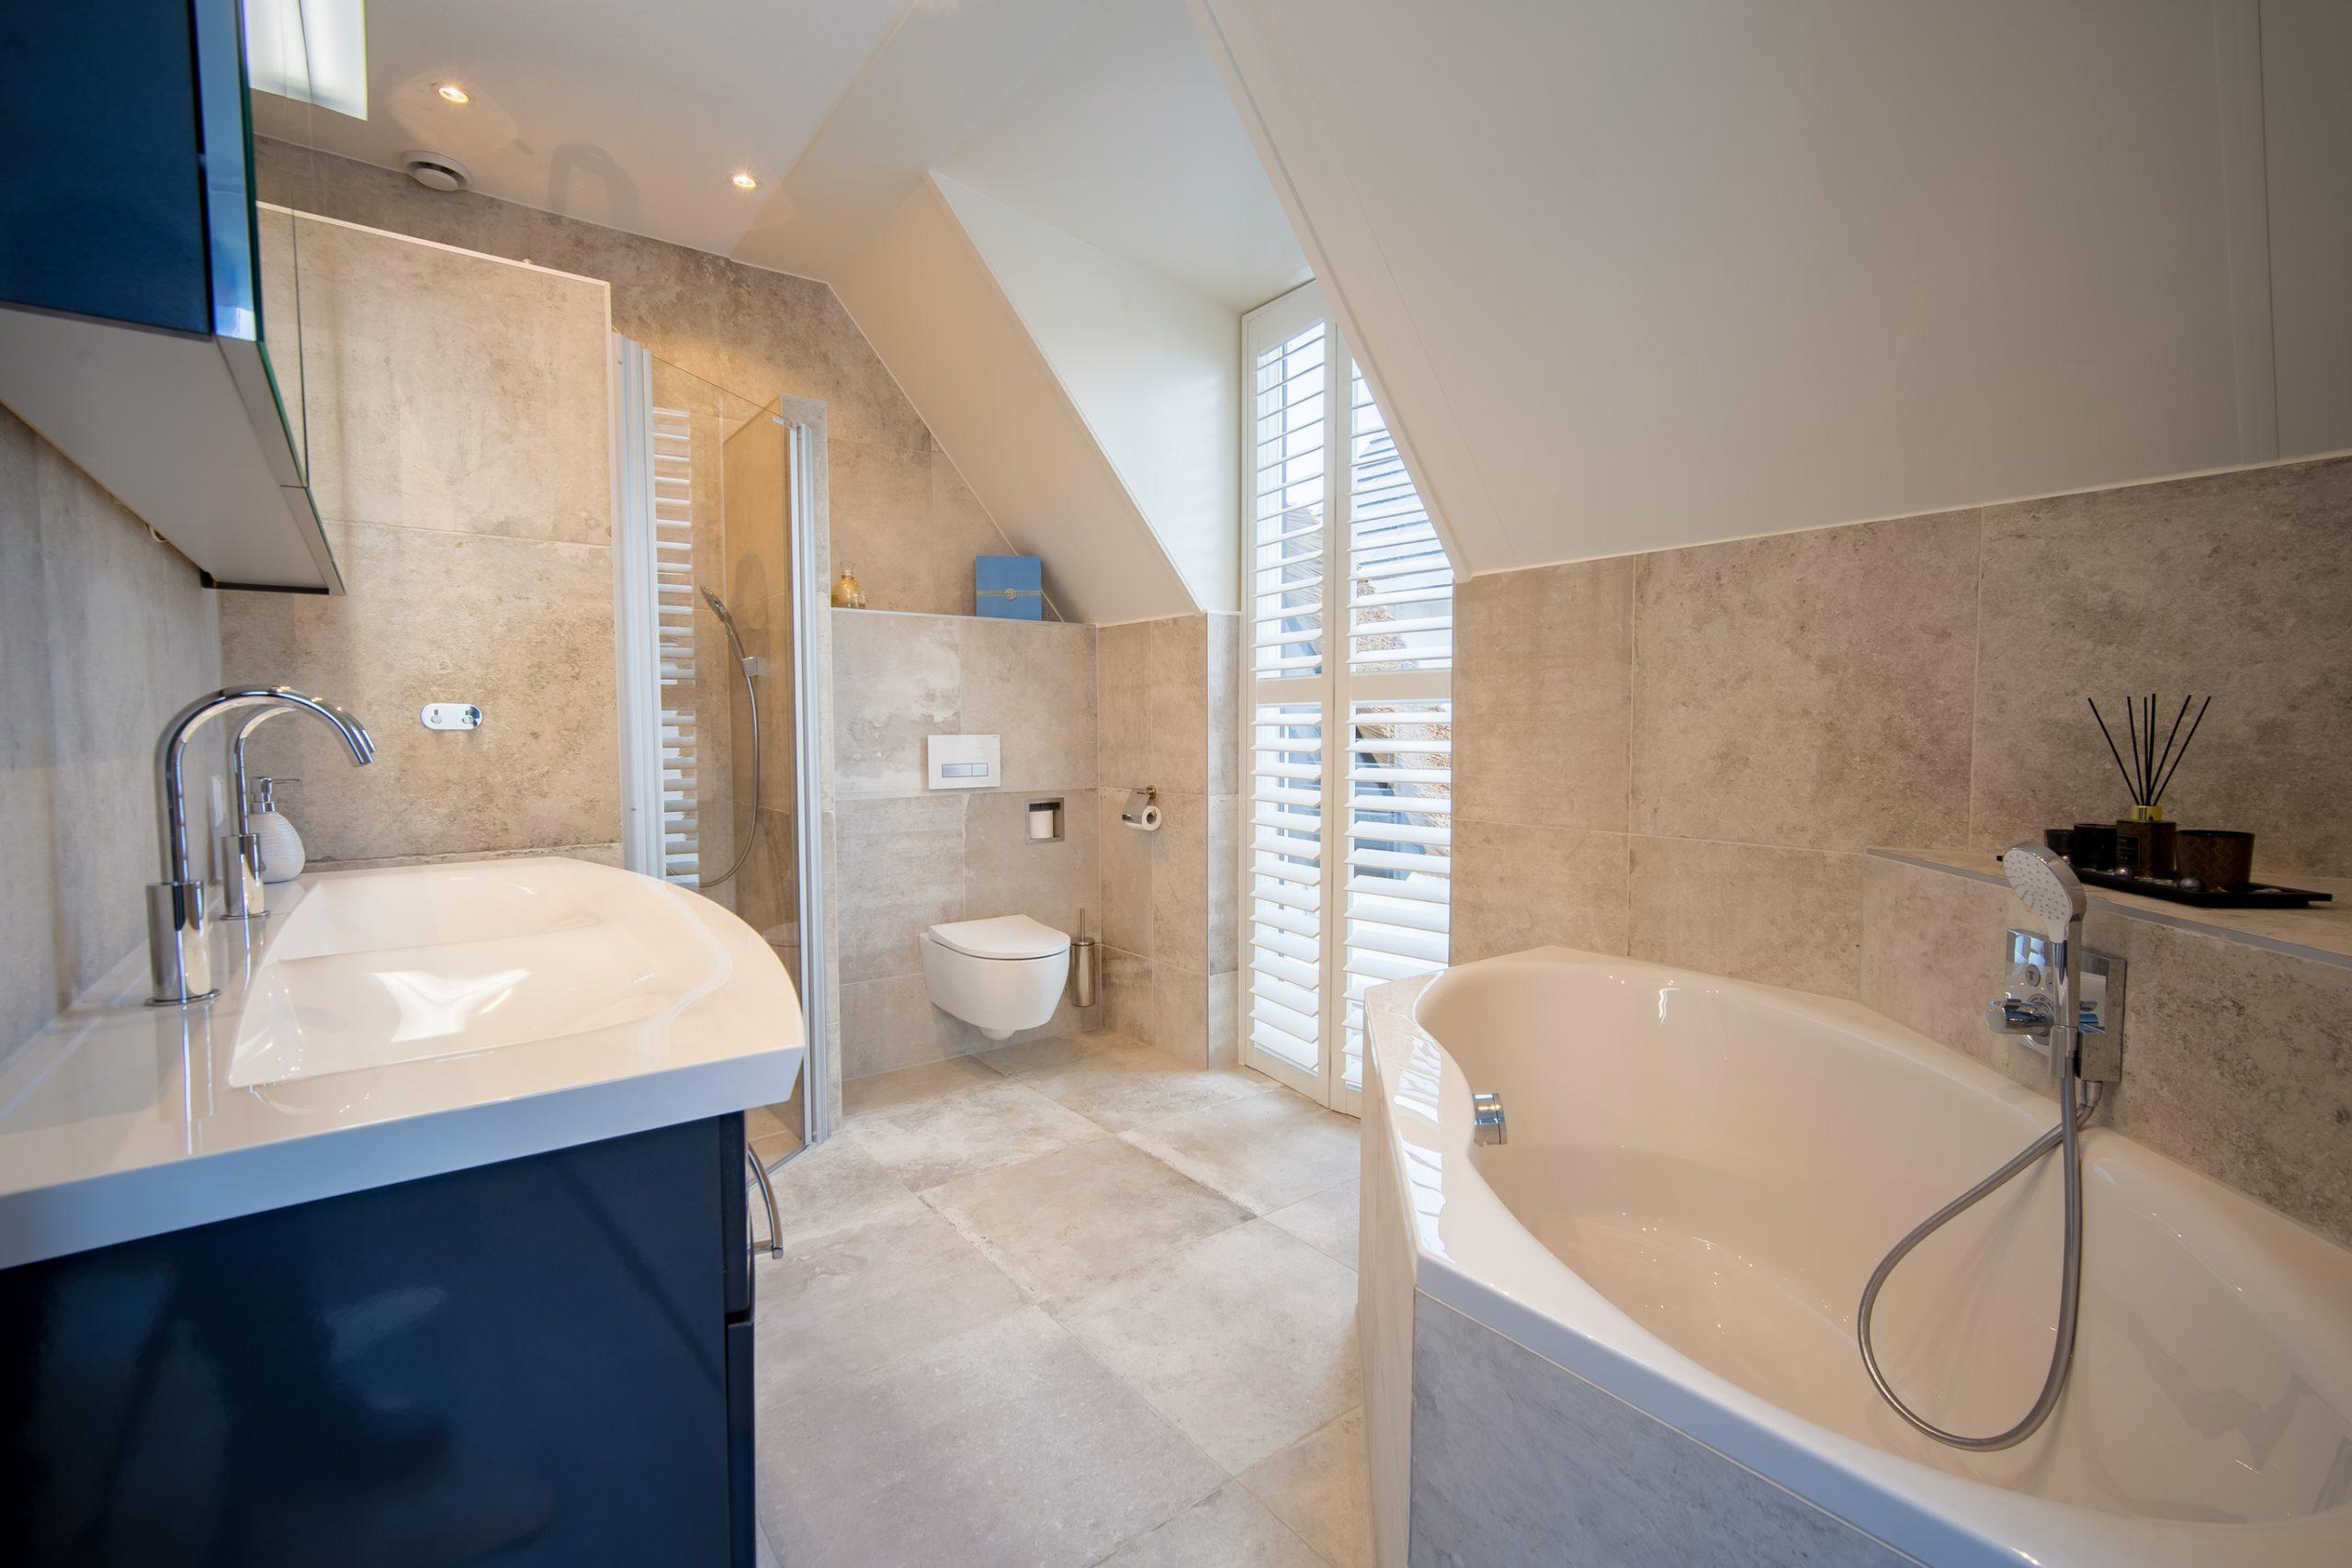 luxury wet room design